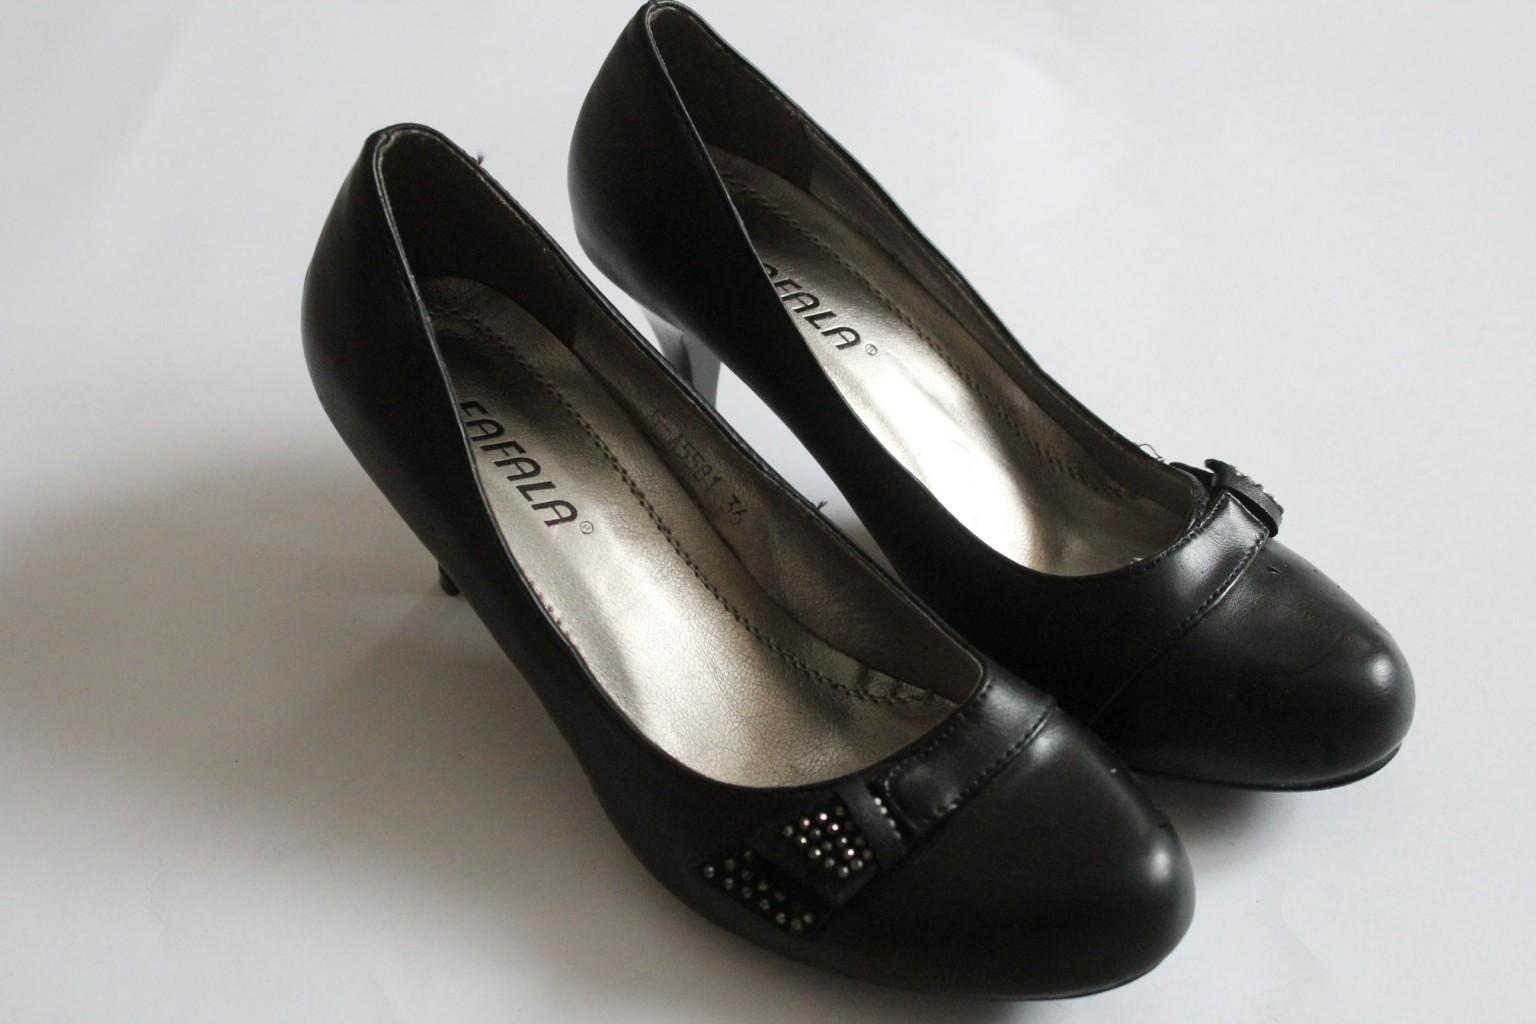 Сбор заказов. оОчень большой выбор обуви! Всё в одном. Женские, мужские, детские модели. Туфли, туфельки, ботильоны, ботильоны, сапоги, кроссовки, ботинки от 290 рублей!!